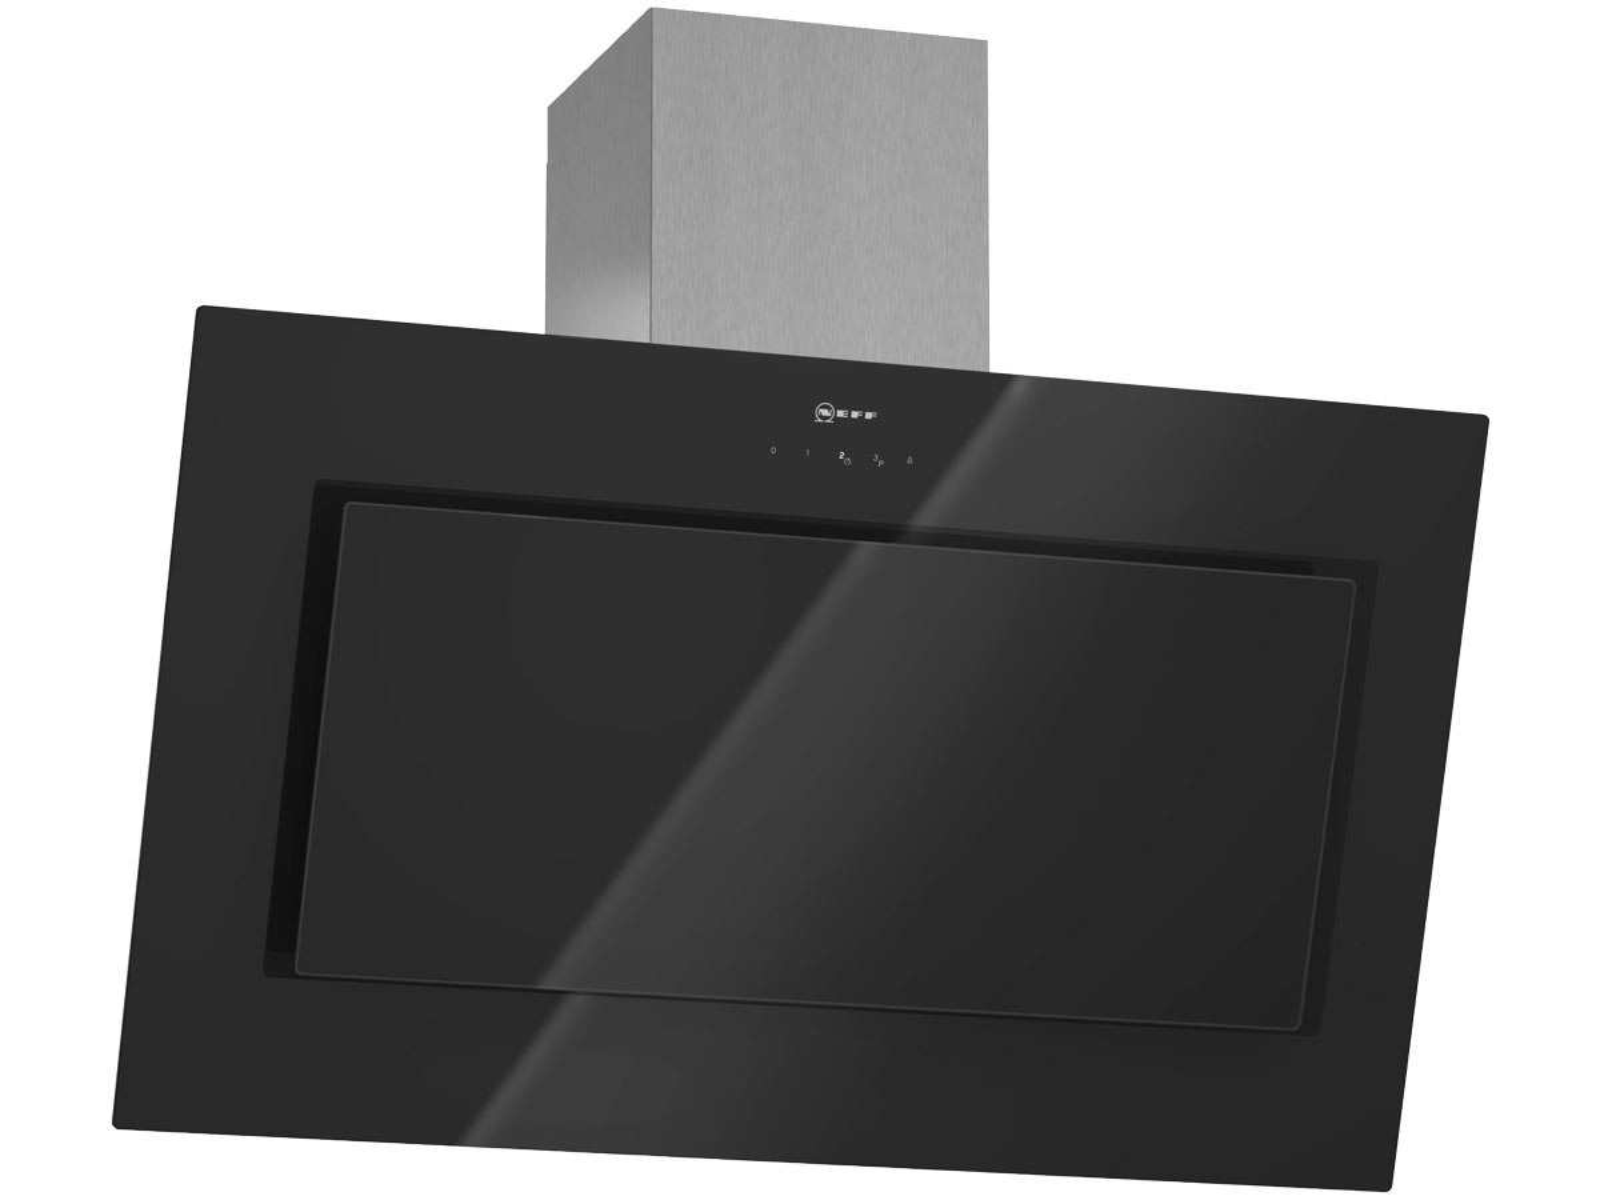 neff dse 3949 s kopffrei wand dunstabzugshaube edelstahl schwarz schr gesse 90cm ebay. Black Bedroom Furniture Sets. Home Design Ideas